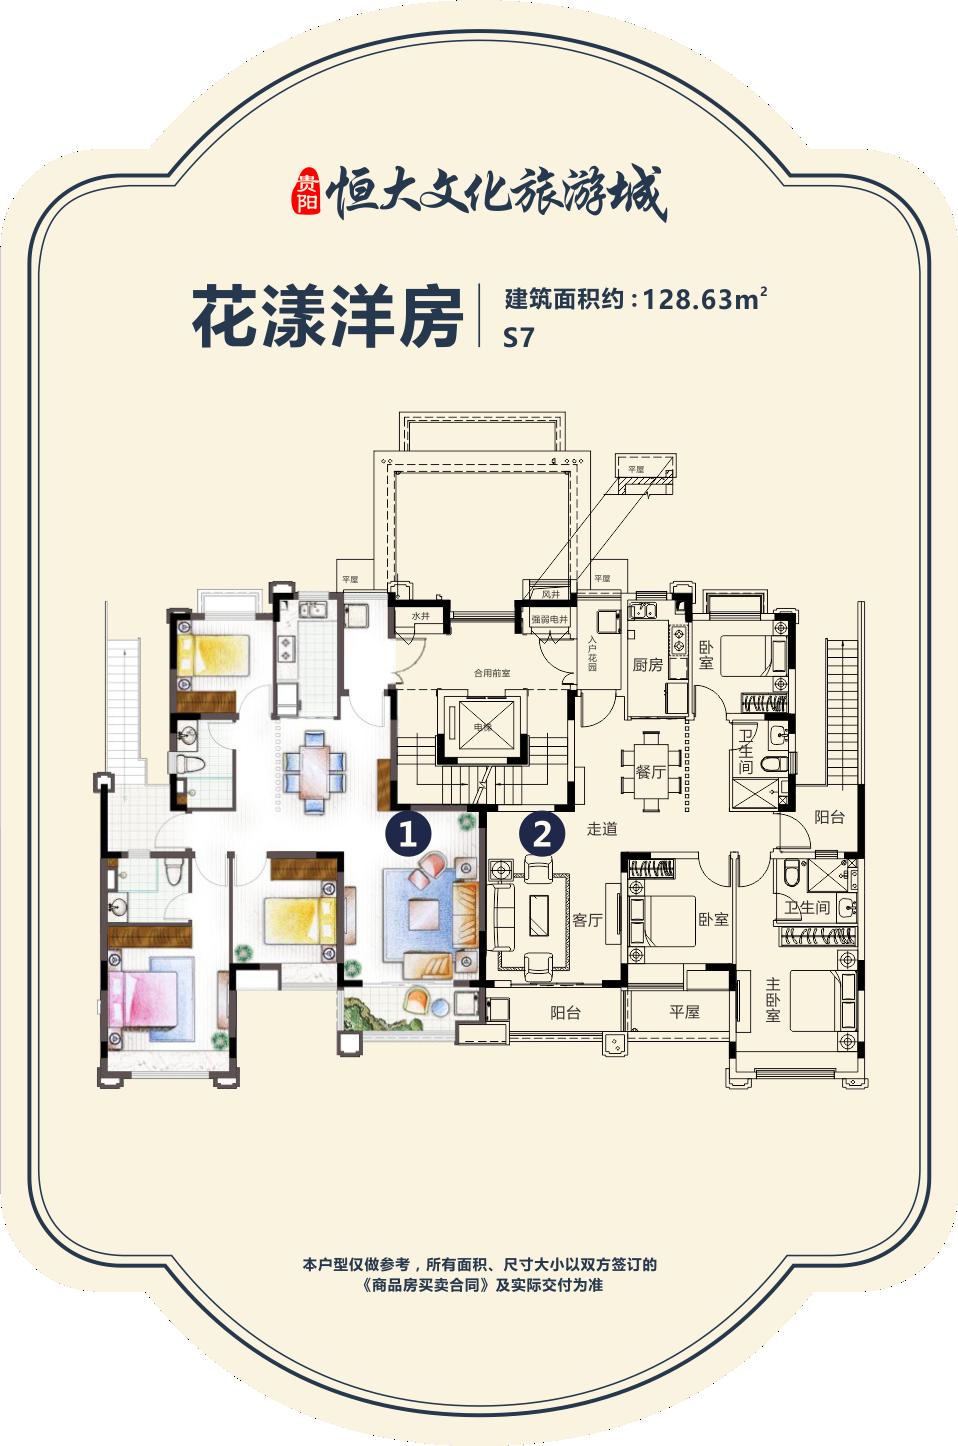 贵阳恒大文化旅游城启动网上售楼处 置业顾问24小时在线-中国网地产